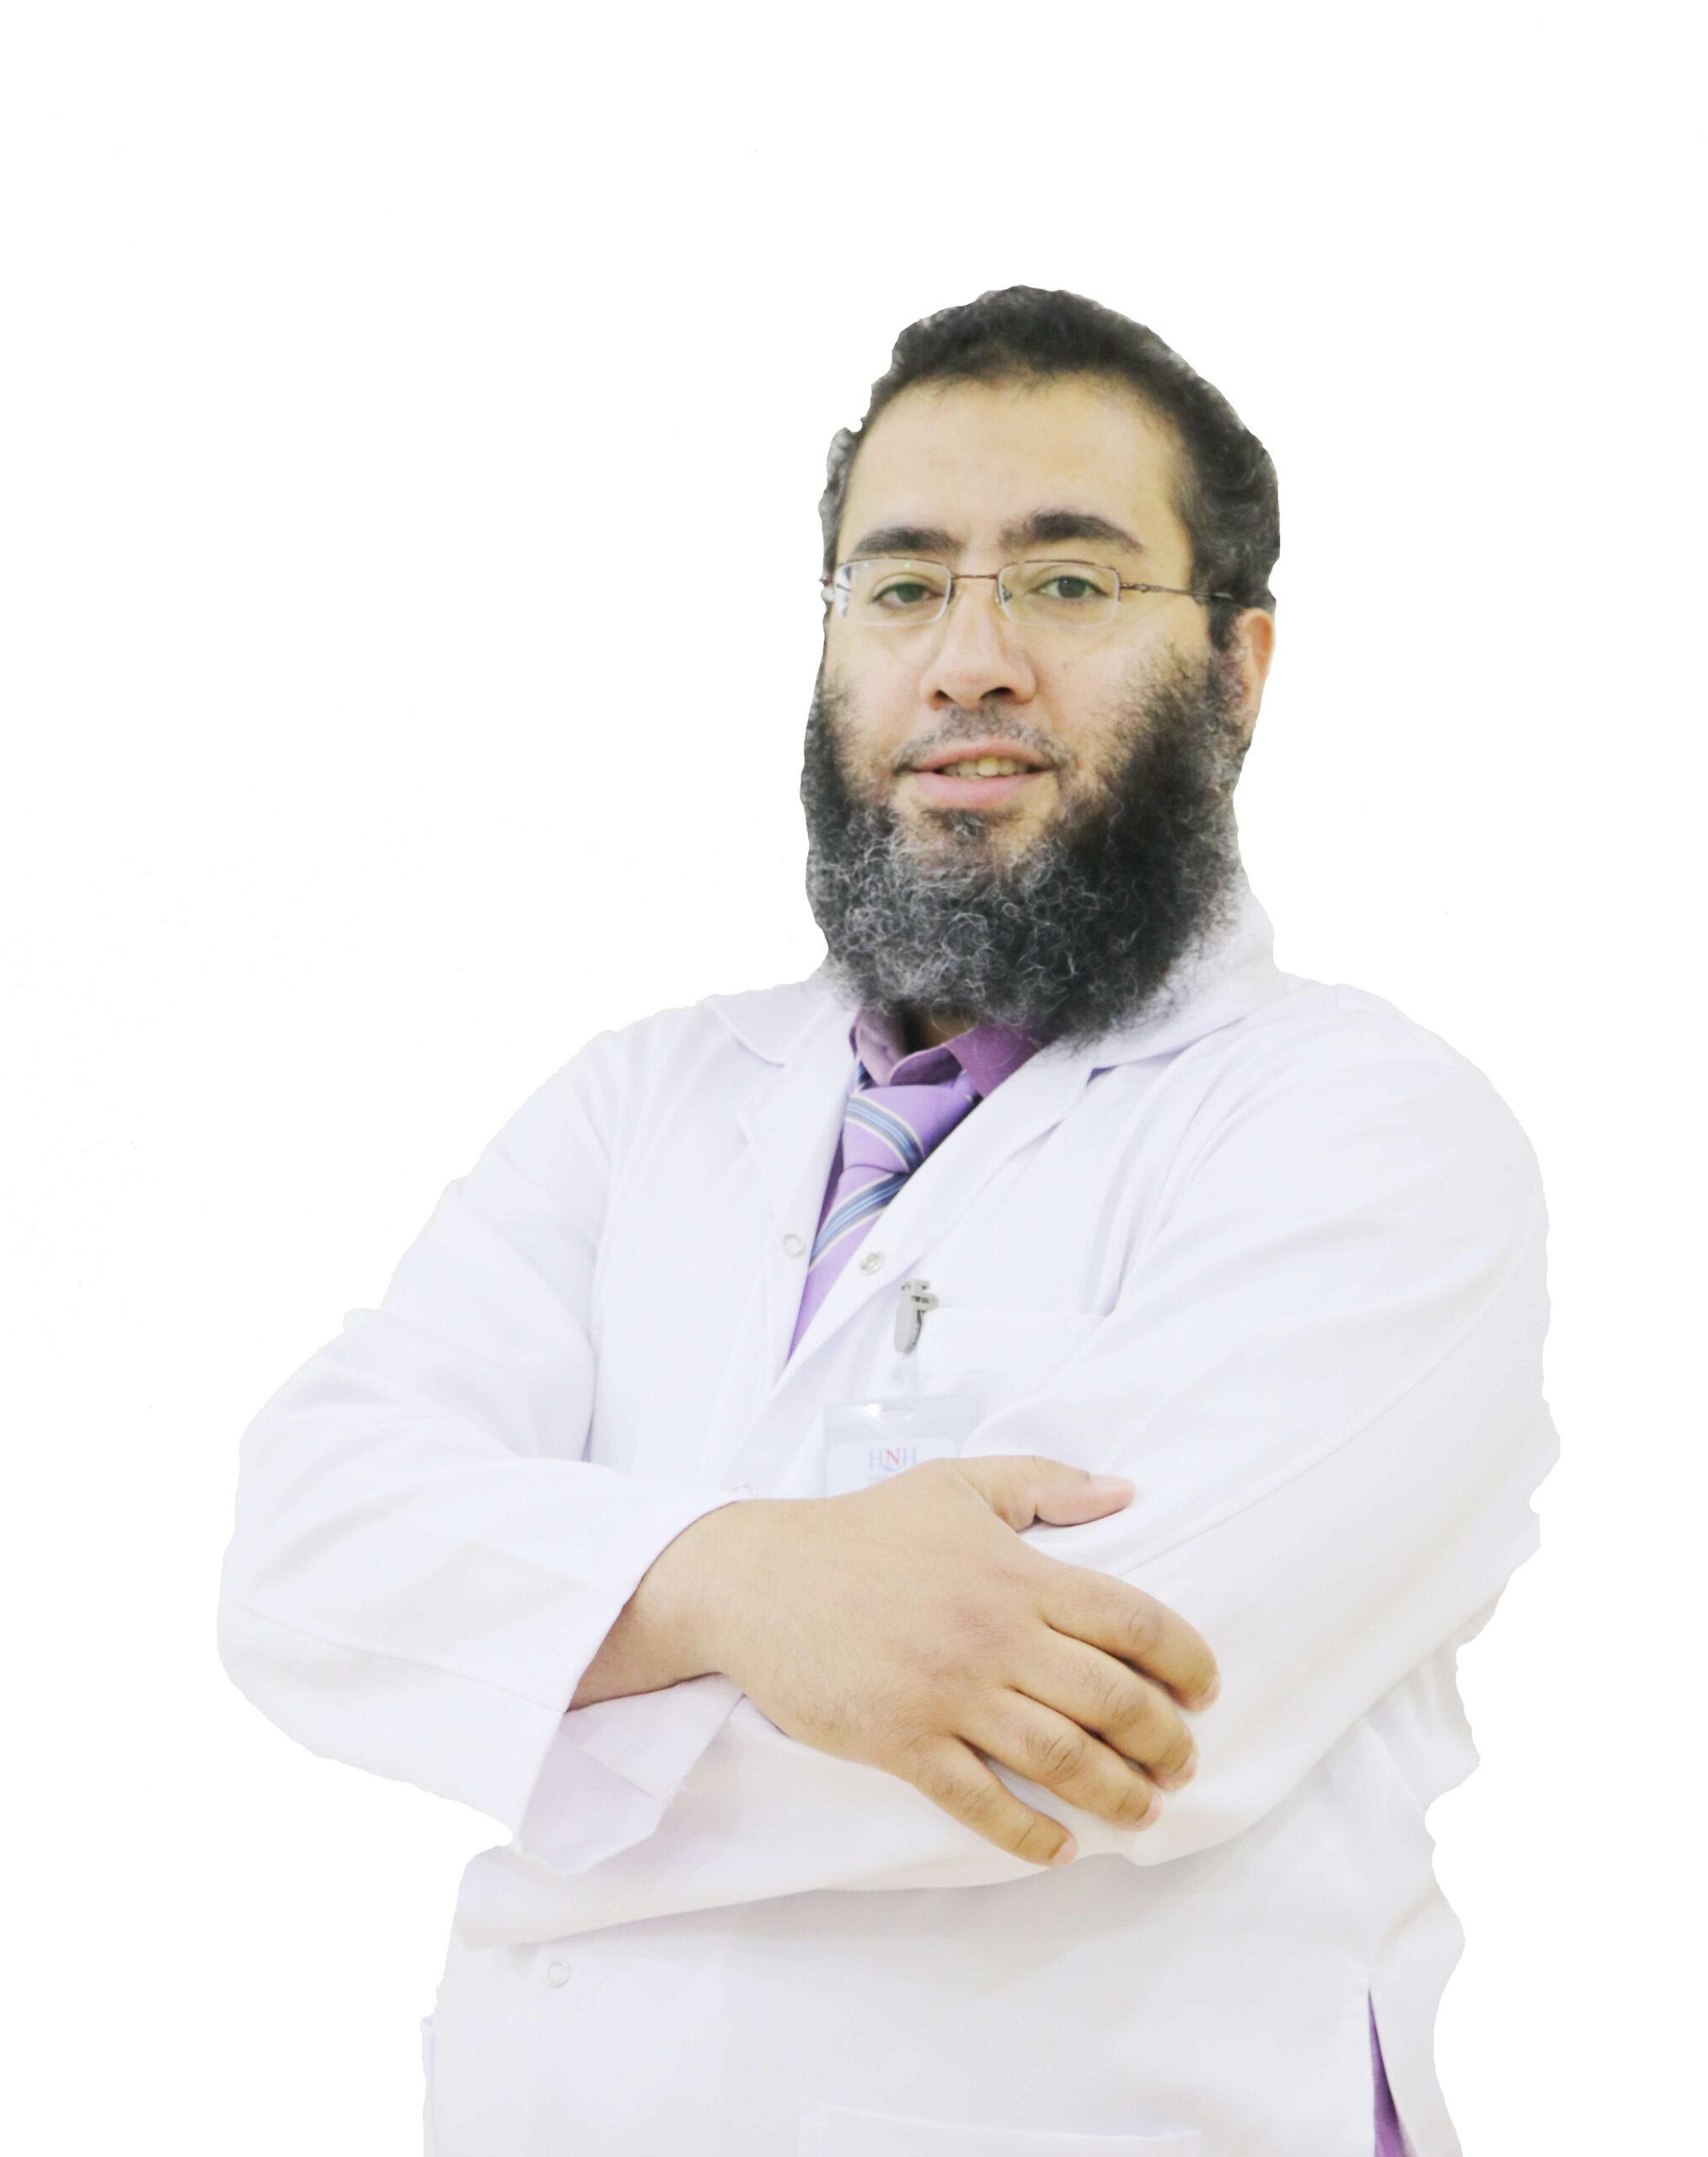 الدكتور - أحمد عبد الرازق السيد| أستشاري الجهاز الهضمي والمناظير | مستشفى الحياة الوطني القصيم